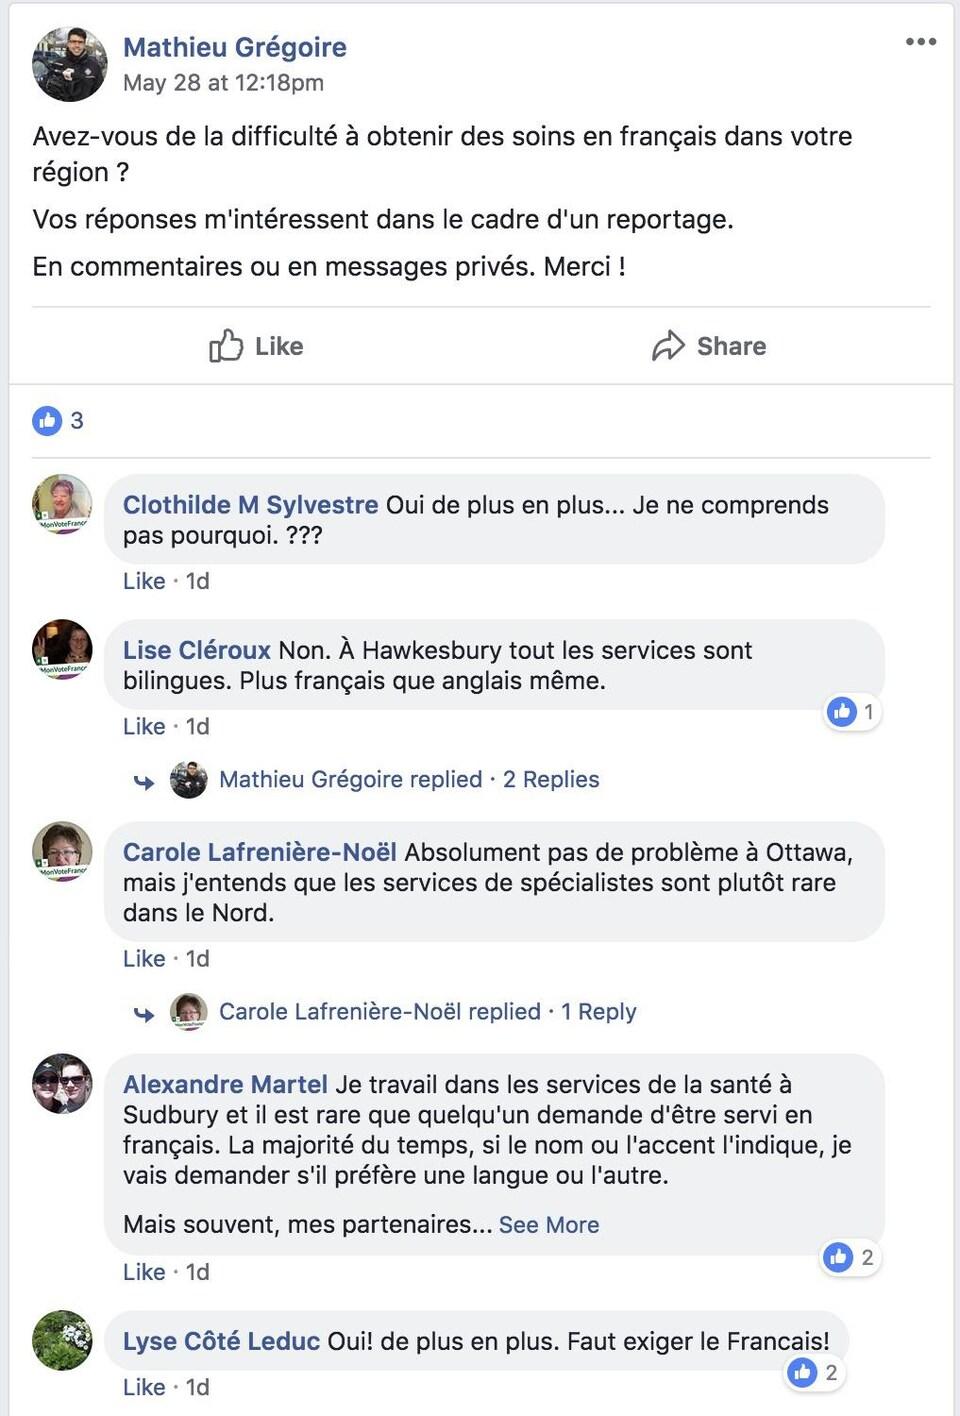 Commentaires des personnes suite à la question posée par Mathieu Grégoire : Avez-vous de la difficulté à obtenir des soins en français dans votre région ? Vos réponses m'intéressent dans le cadre d'un reportage. En commentaires ou en messages privés. Merci!